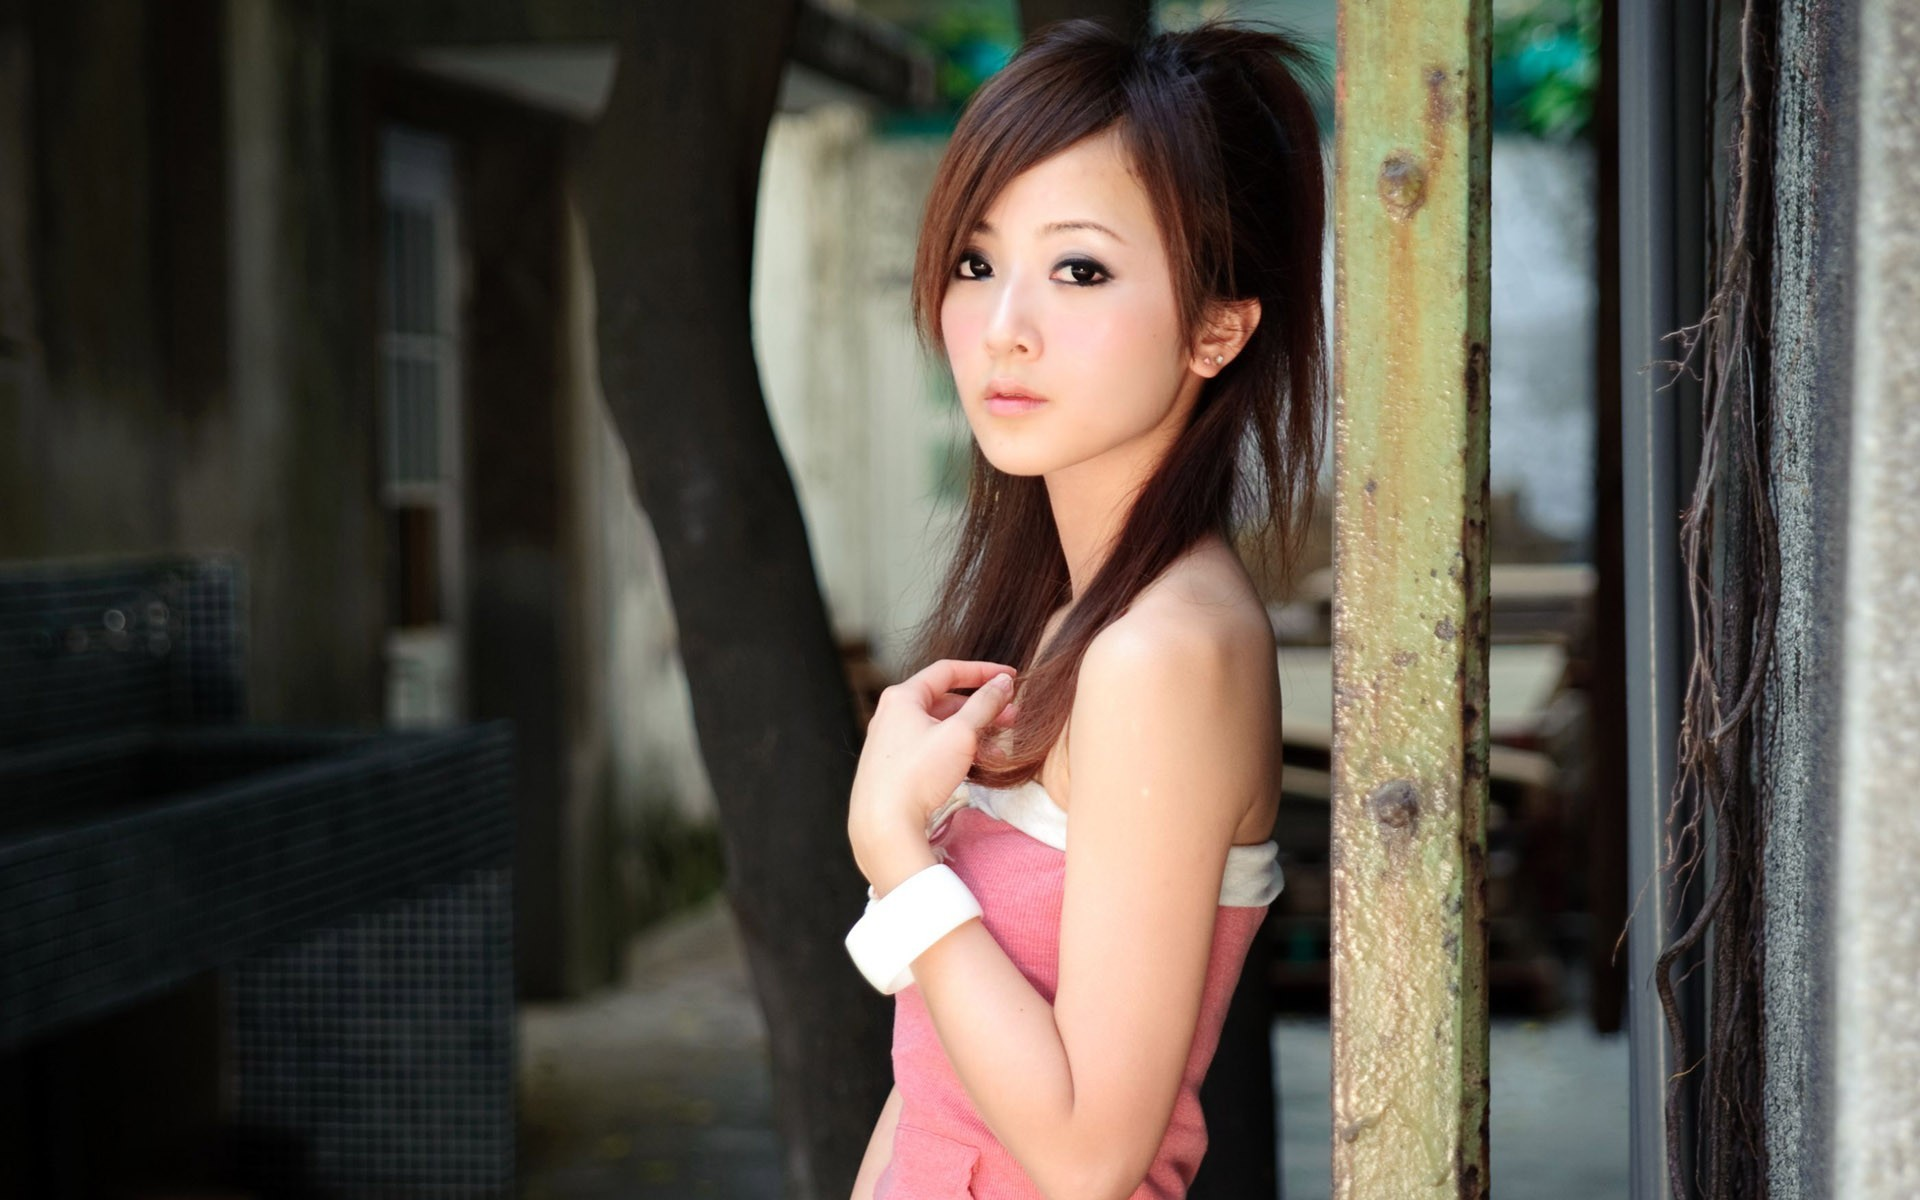 девушка дня китайки интимной жизни